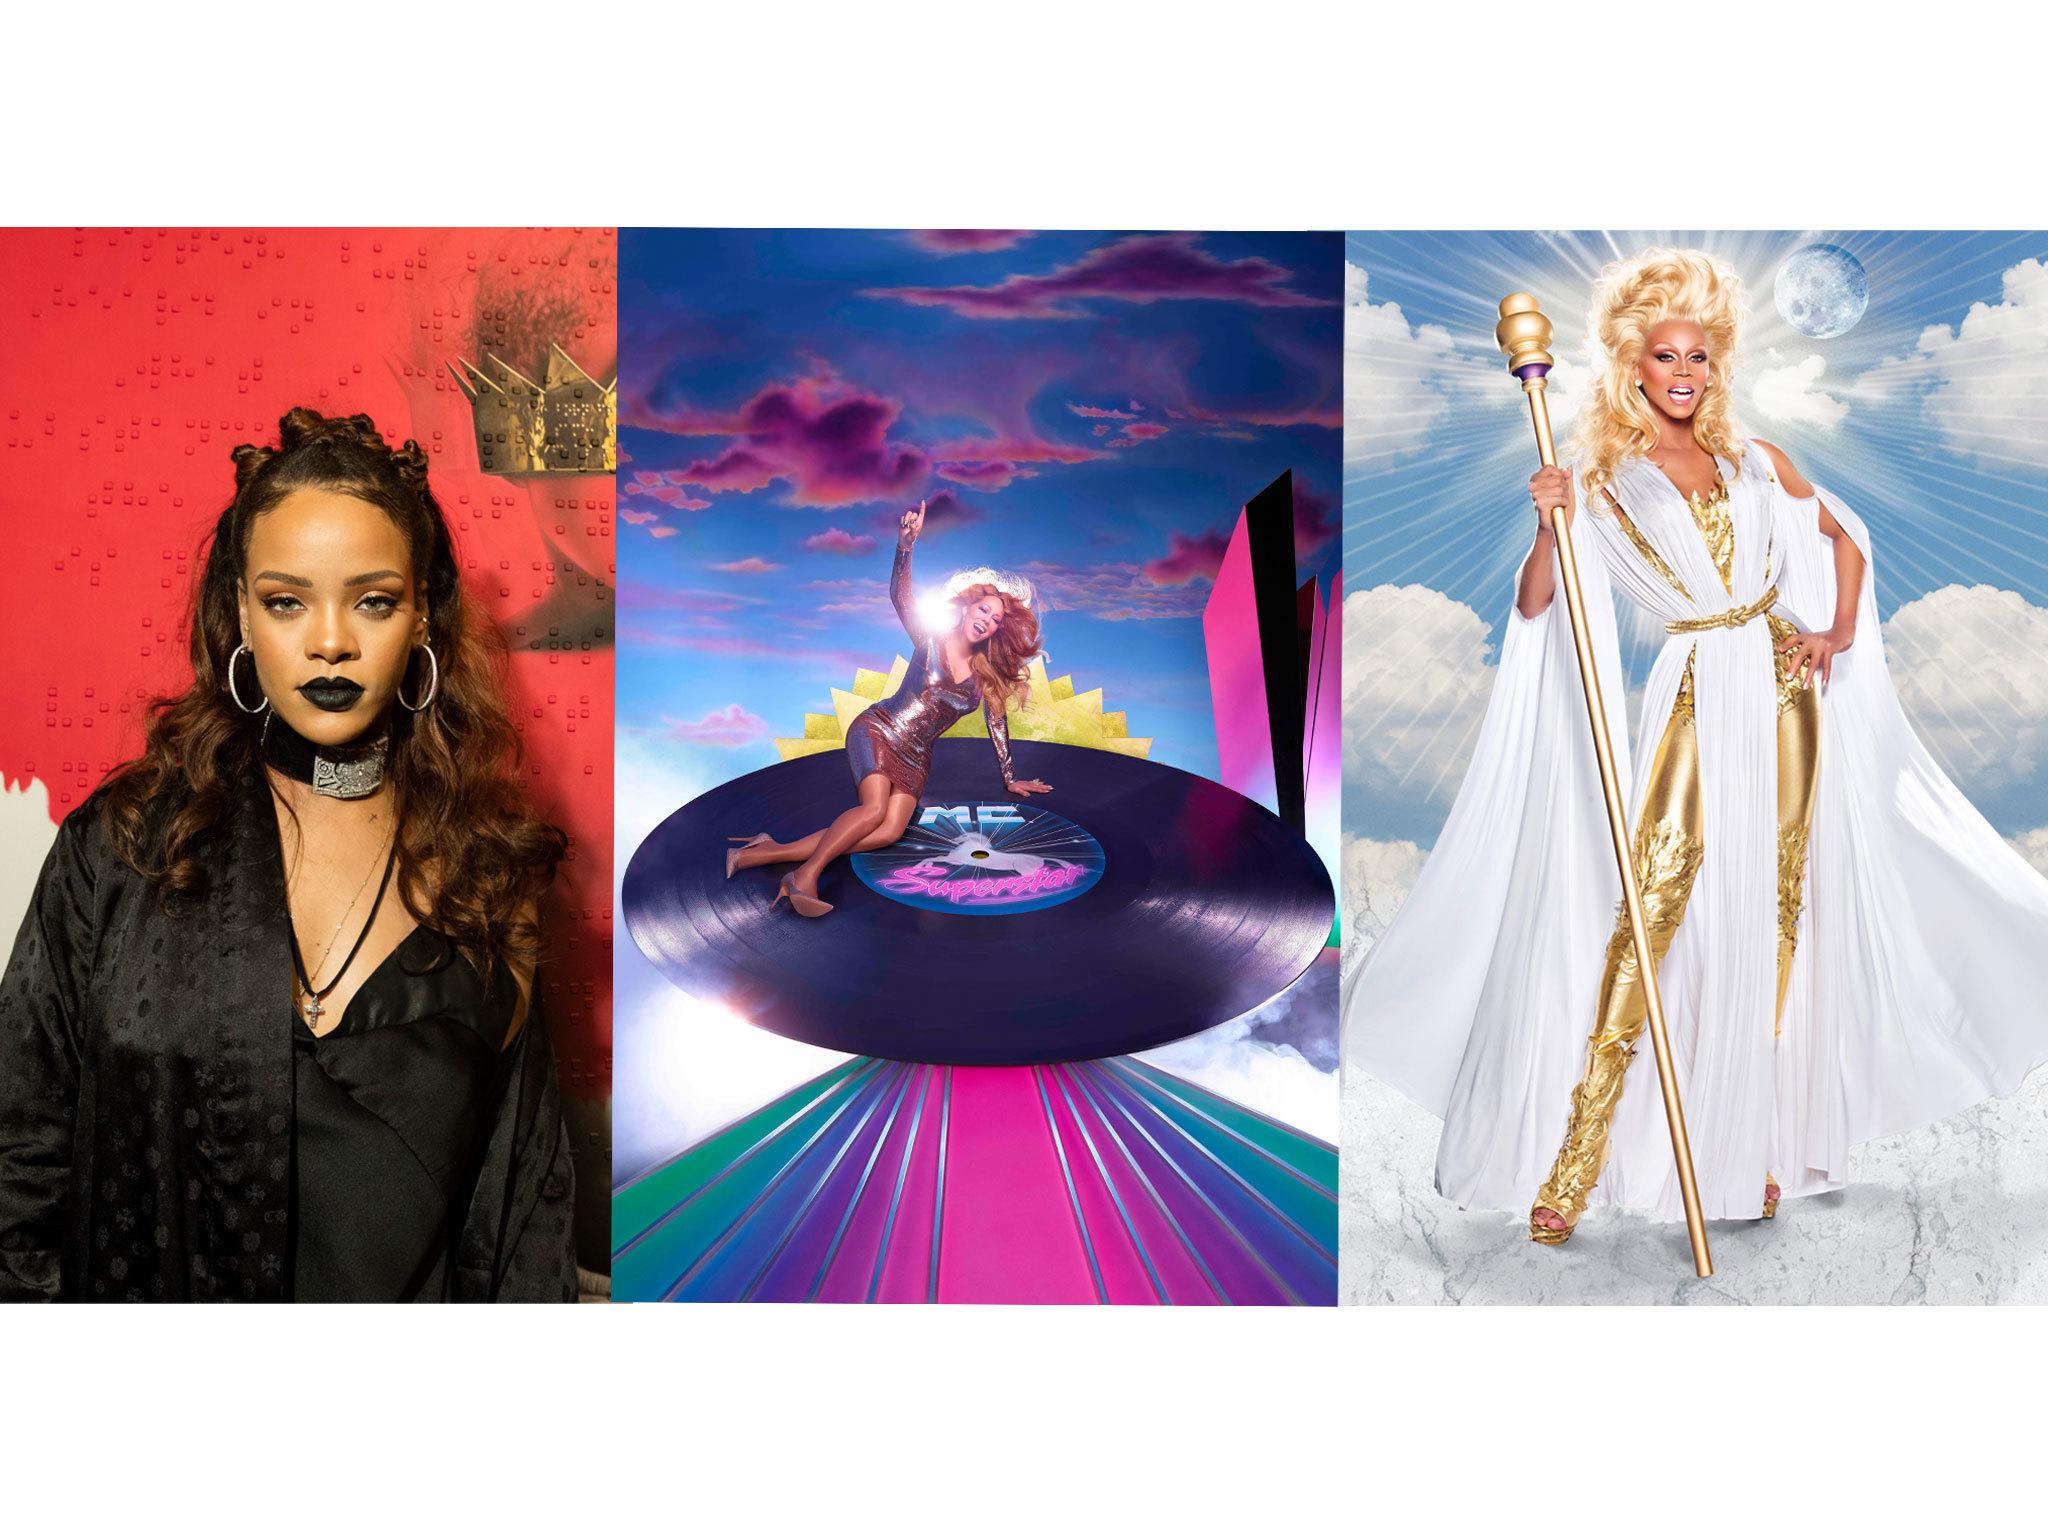 Rihanna vs Mariah vs RuPaul's Drag Race